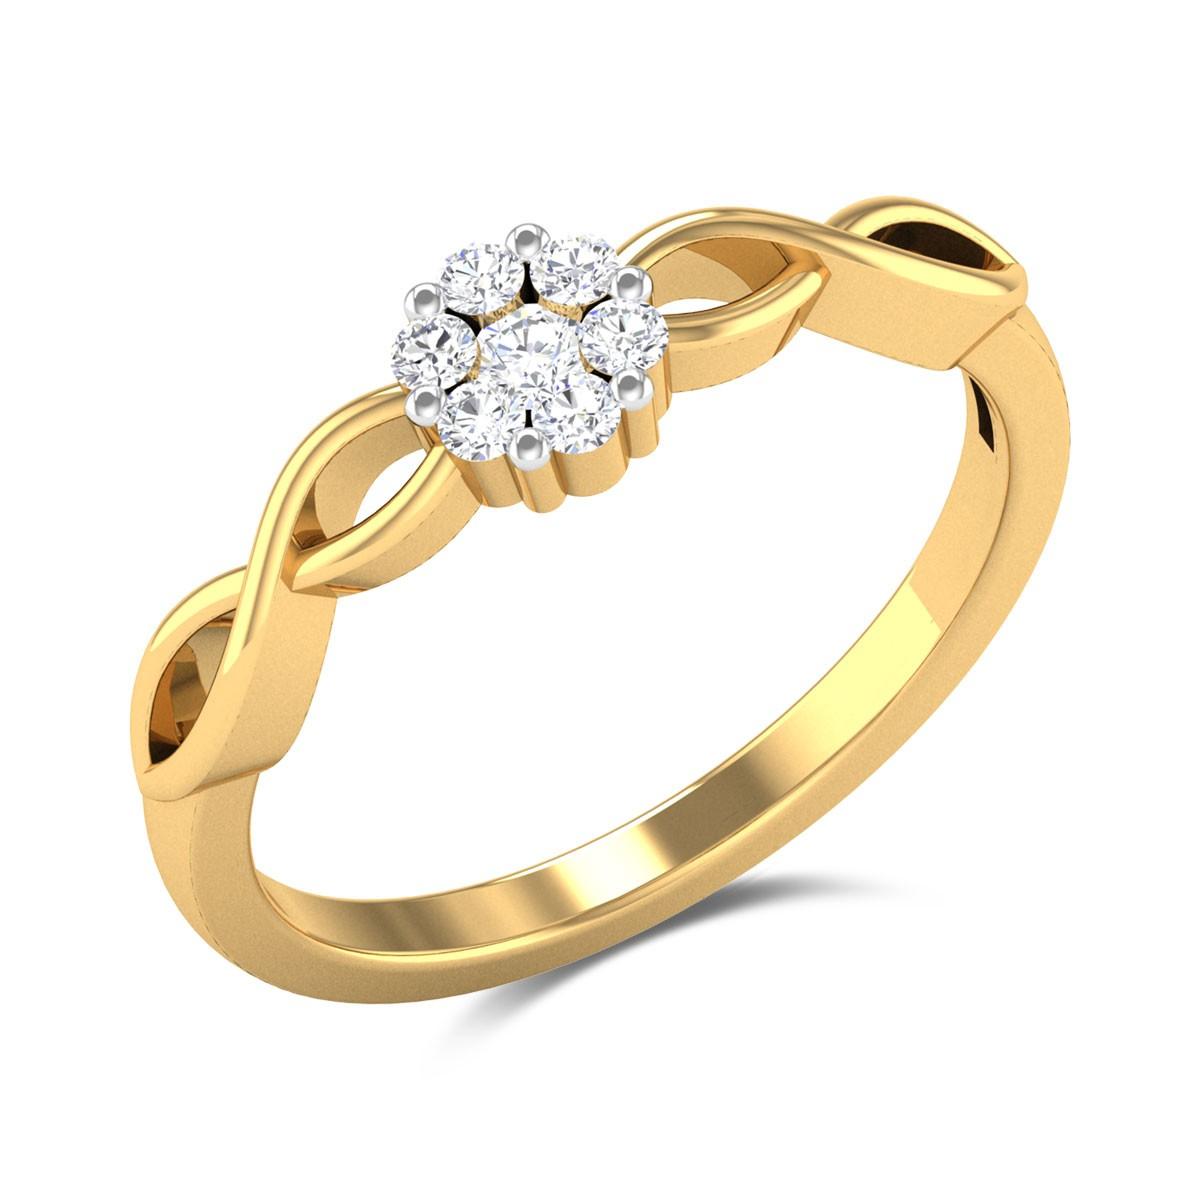 Edana Diamond Ring